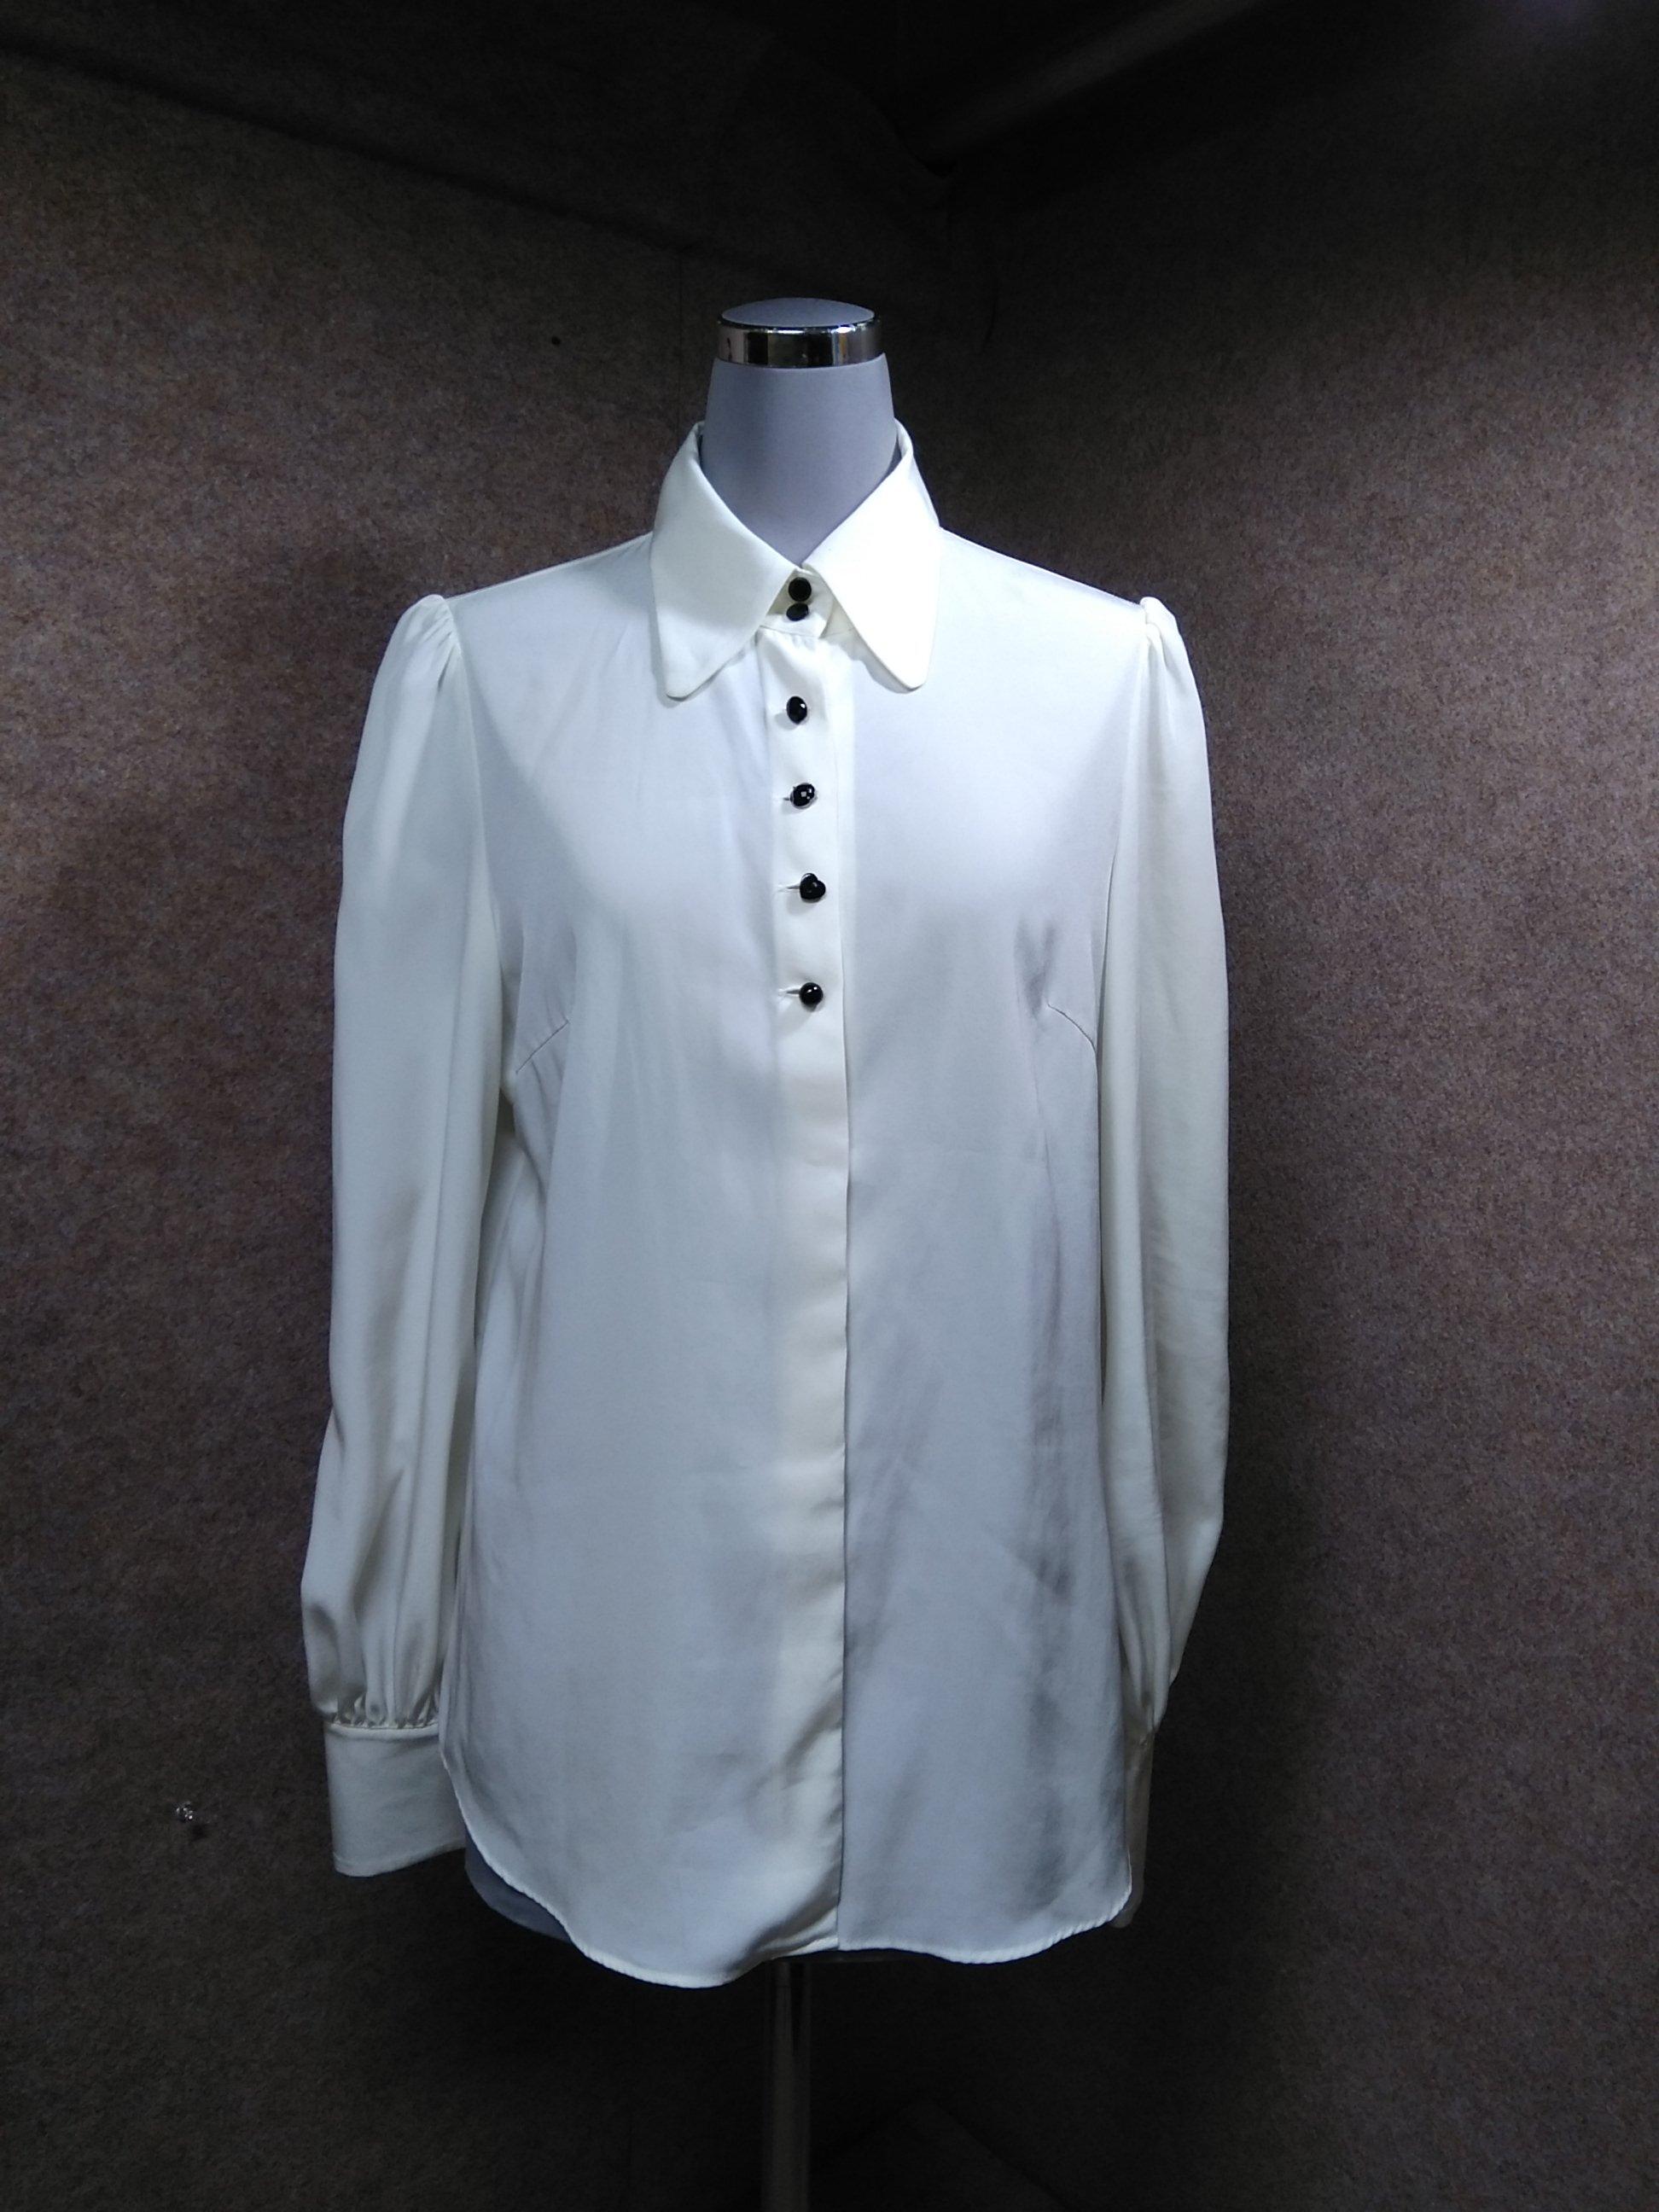 iCB アイシービー ブラウス ドレスシャツ 白 11 mh902e